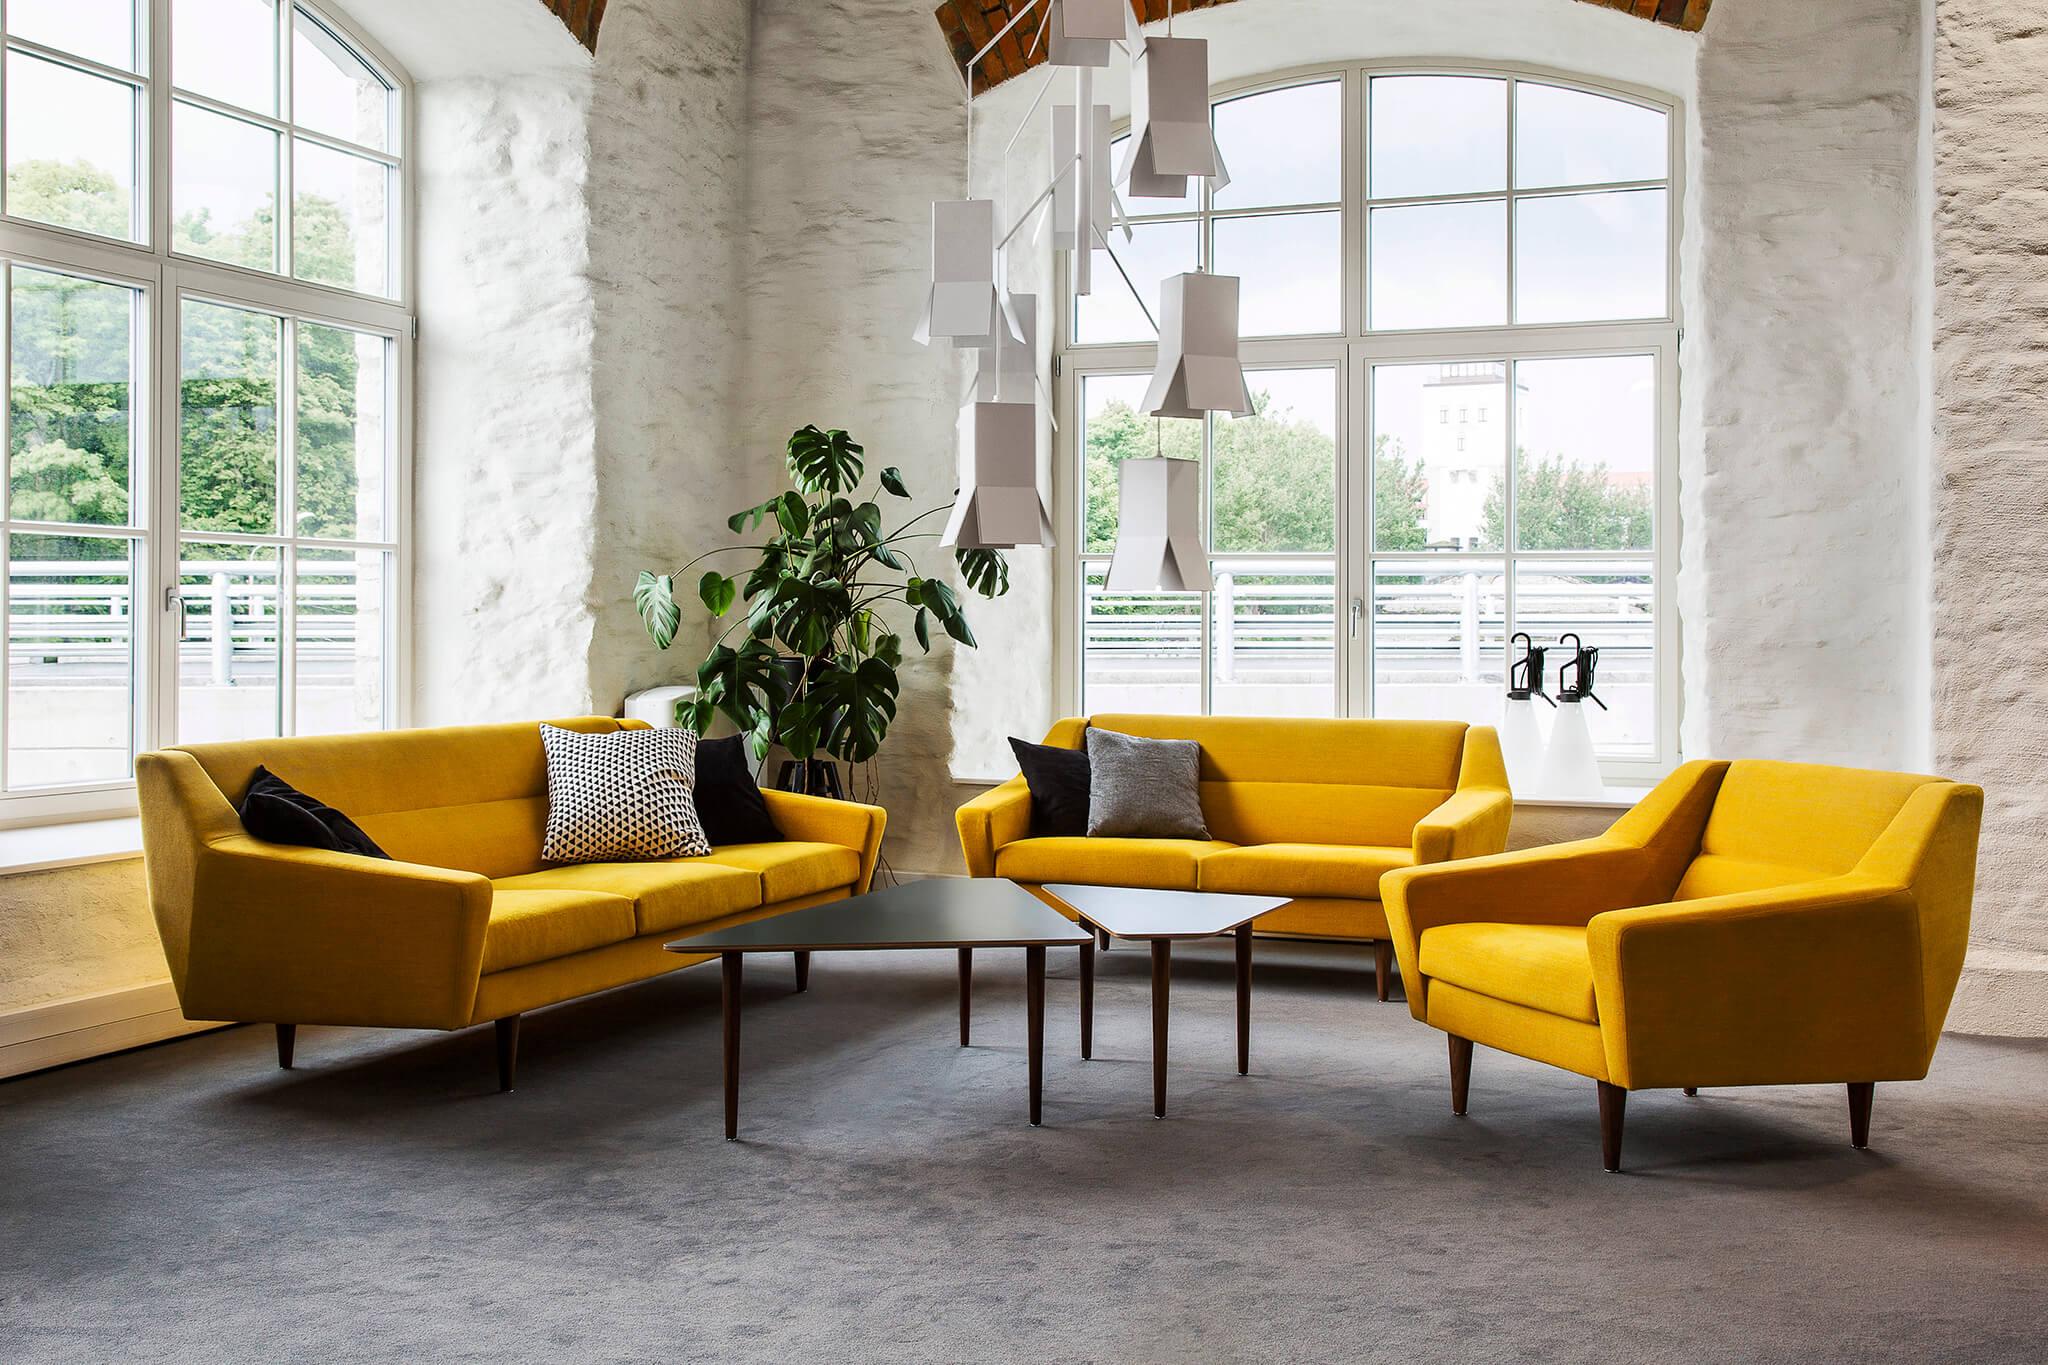 Designer sofa f r moderne einrichtungsideen for Perfekt moderne einrichtungsideen wohnzimmer